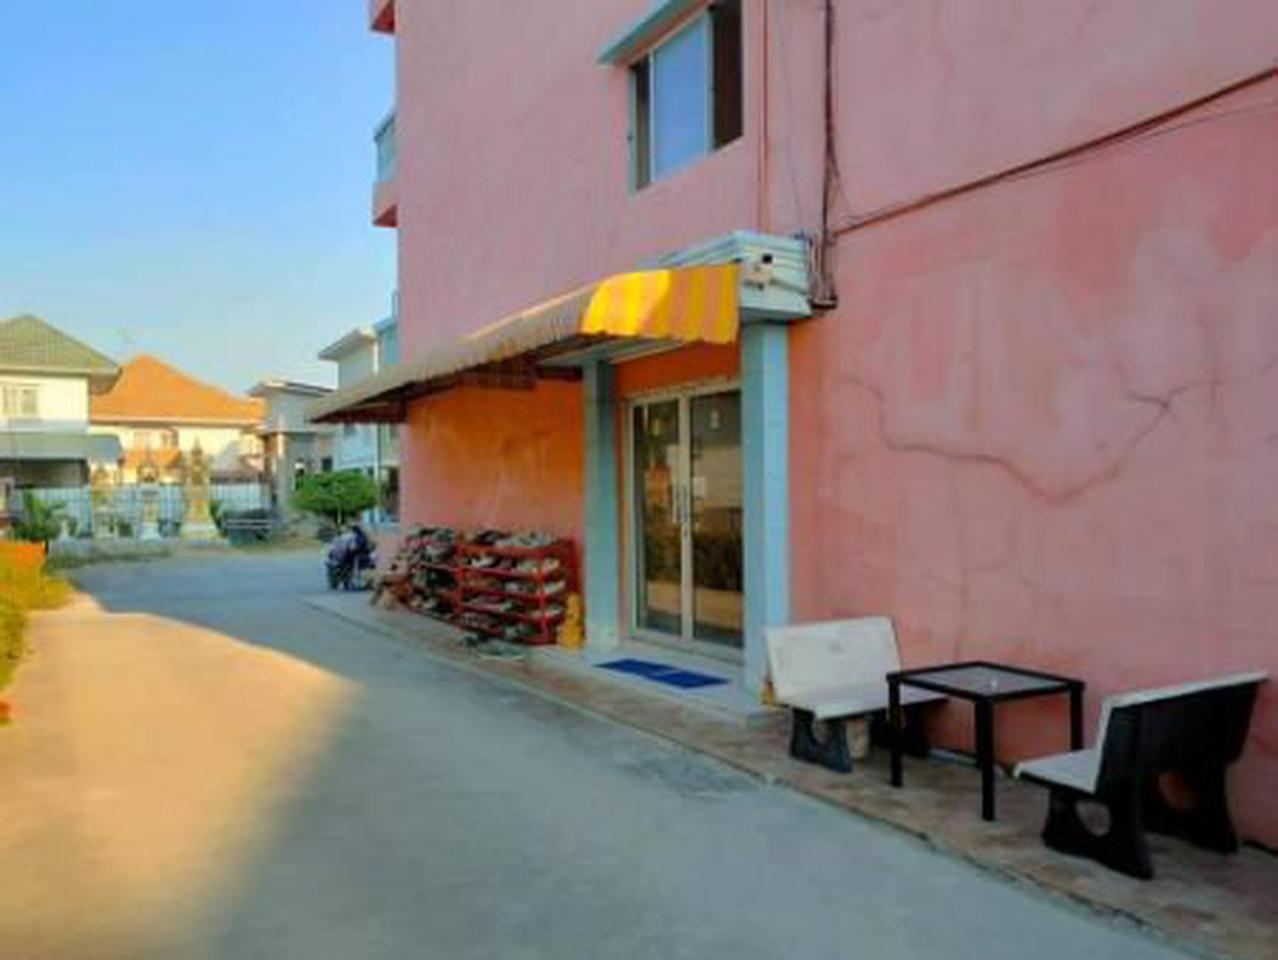 ให้เช่า อพาร์ทเม้นท์ หอพักตึกสีส้ม ขนาด 28 ตรว. พื้นที่ 112 ตรม. รูปที่ 2